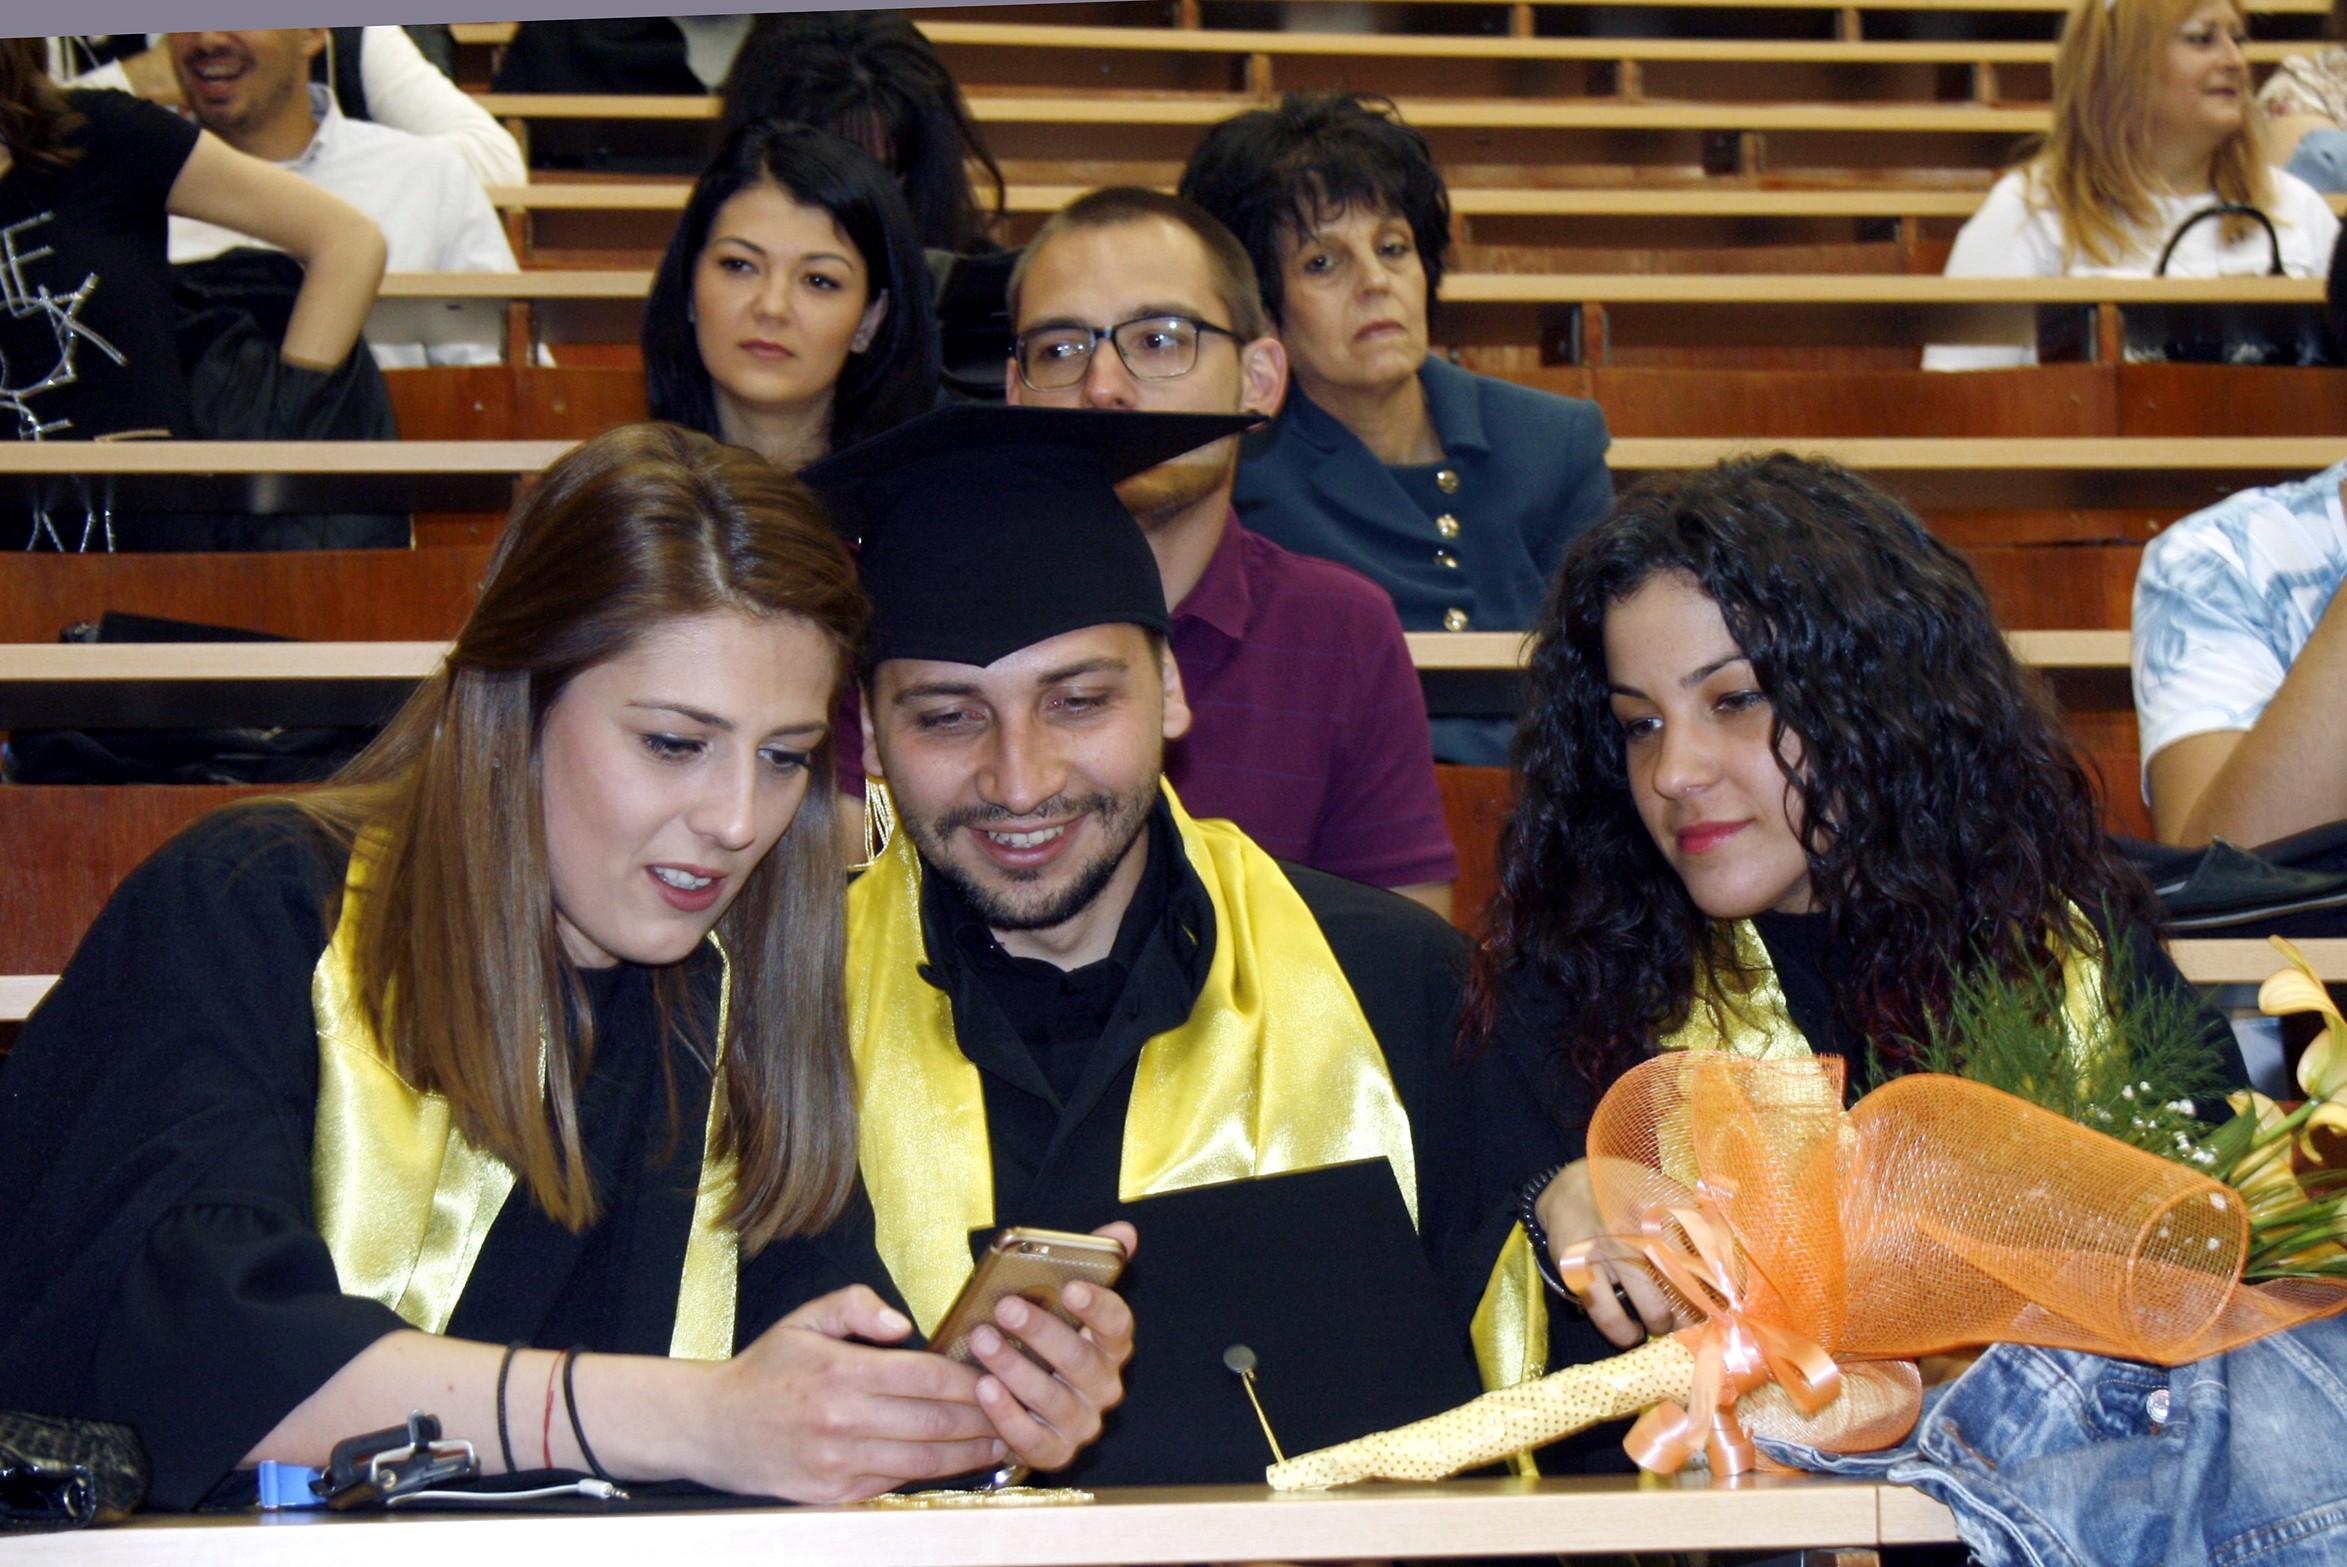 Тържествено връчване на дипломи във ФТС на 20.04.2018 г.